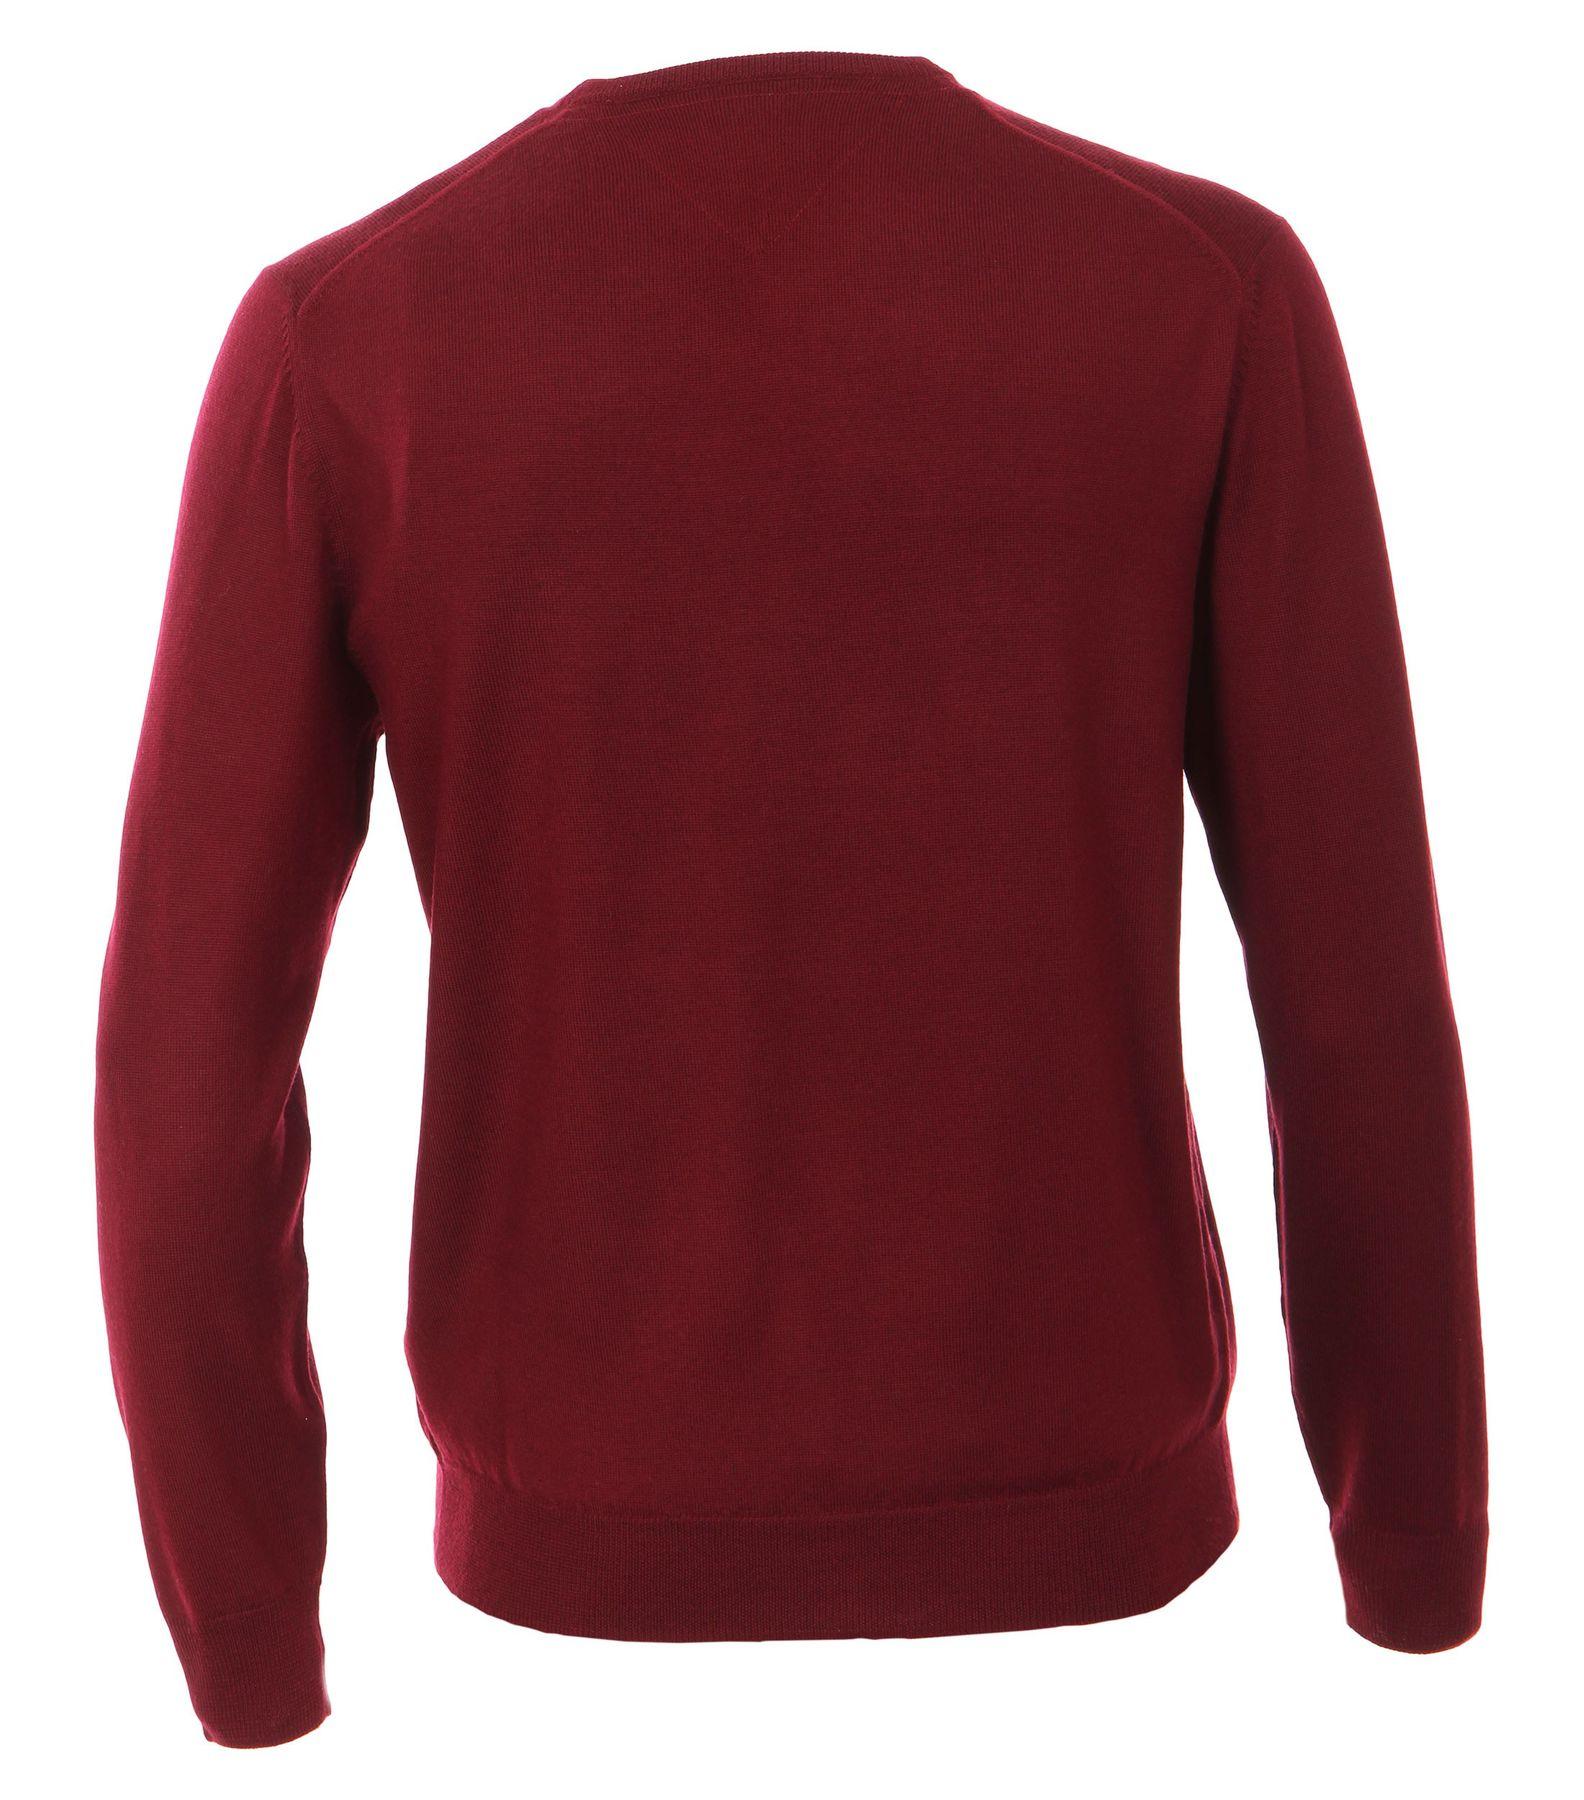 Casa Moda - Herren Pullover aus 100% Baumwolle mit V-Ausschnitt (462519900A) – Bild 11